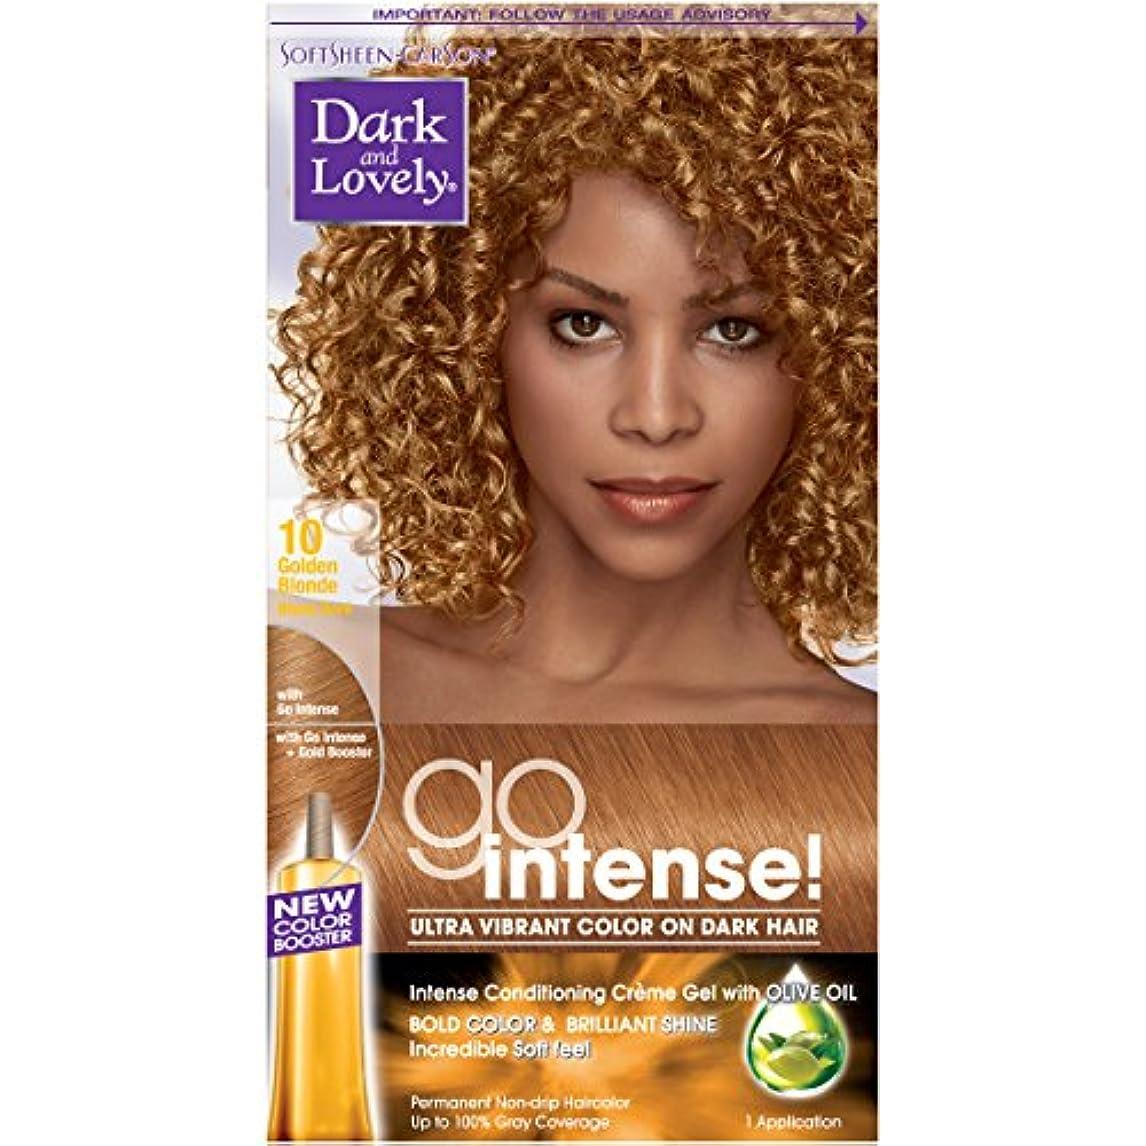 ハード恐れ花SoftSheen-Carson ダーク、暗い髪に美しいゴーインテンス超明るい色、ゴールデン?ブロンド10(梱包は変更になる場合があります) 1つのEA ゴールデンブロンド